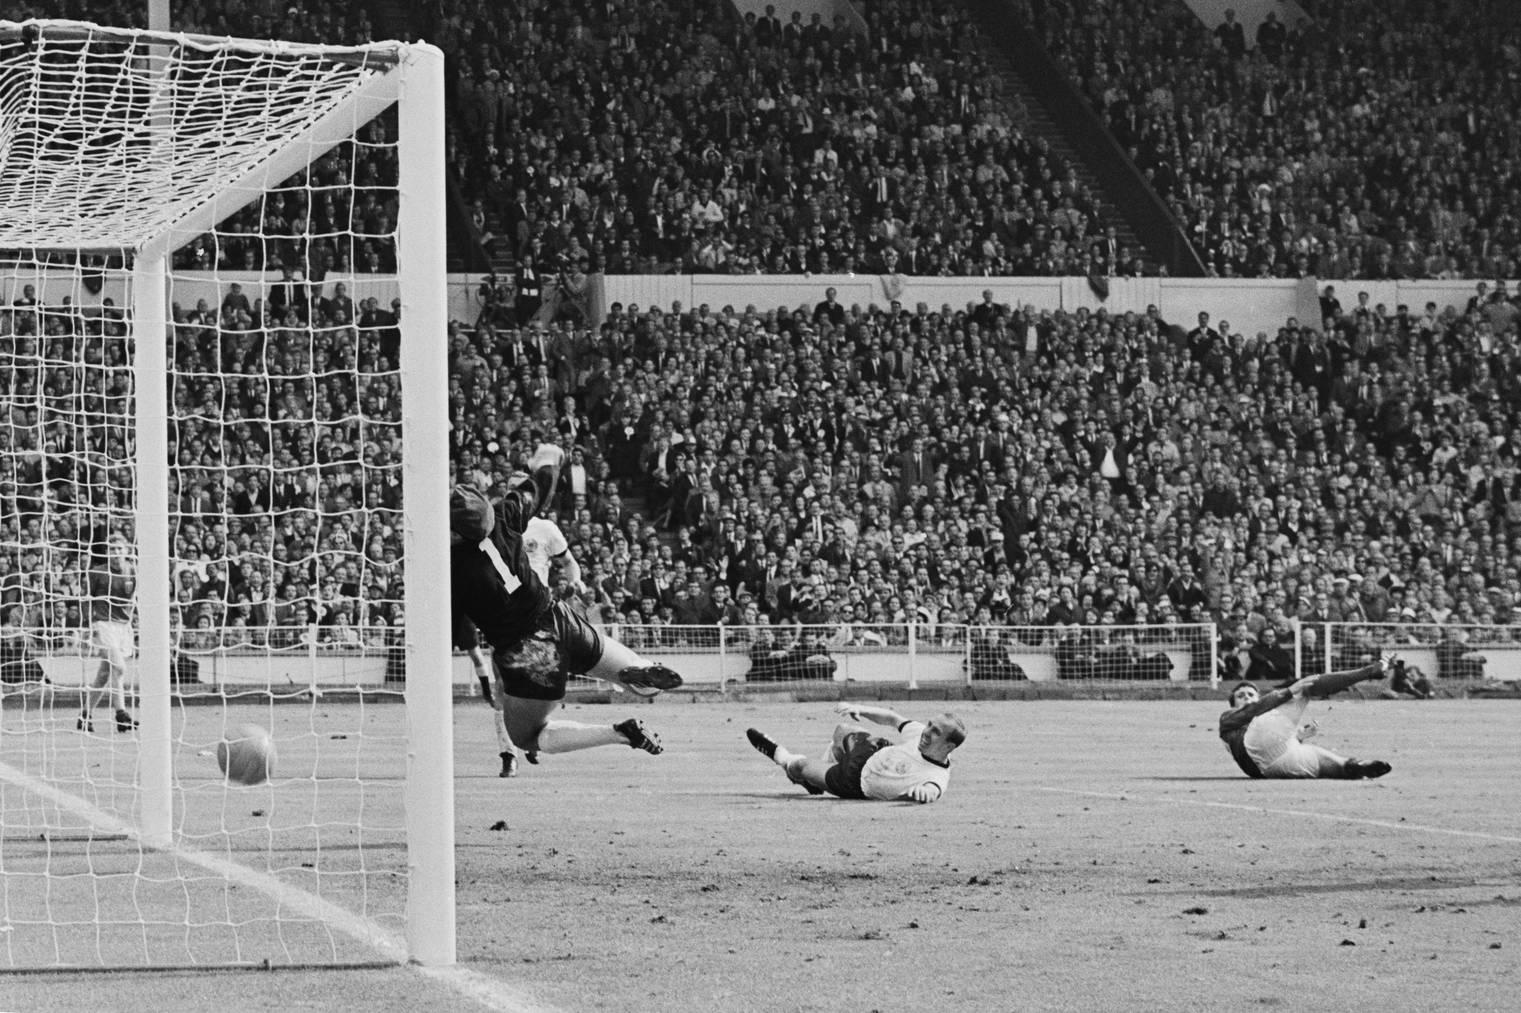 Phantomtor: Der Schuss von Geoff Hurst im WM-Finale 1966 zwischen England und Deutschland prallte von der Lattenunterkante auf die Torlinie. Der Schweizer Schiedsrichter Gottfried Dienst gab den Treffer dennoch. © Getty Images